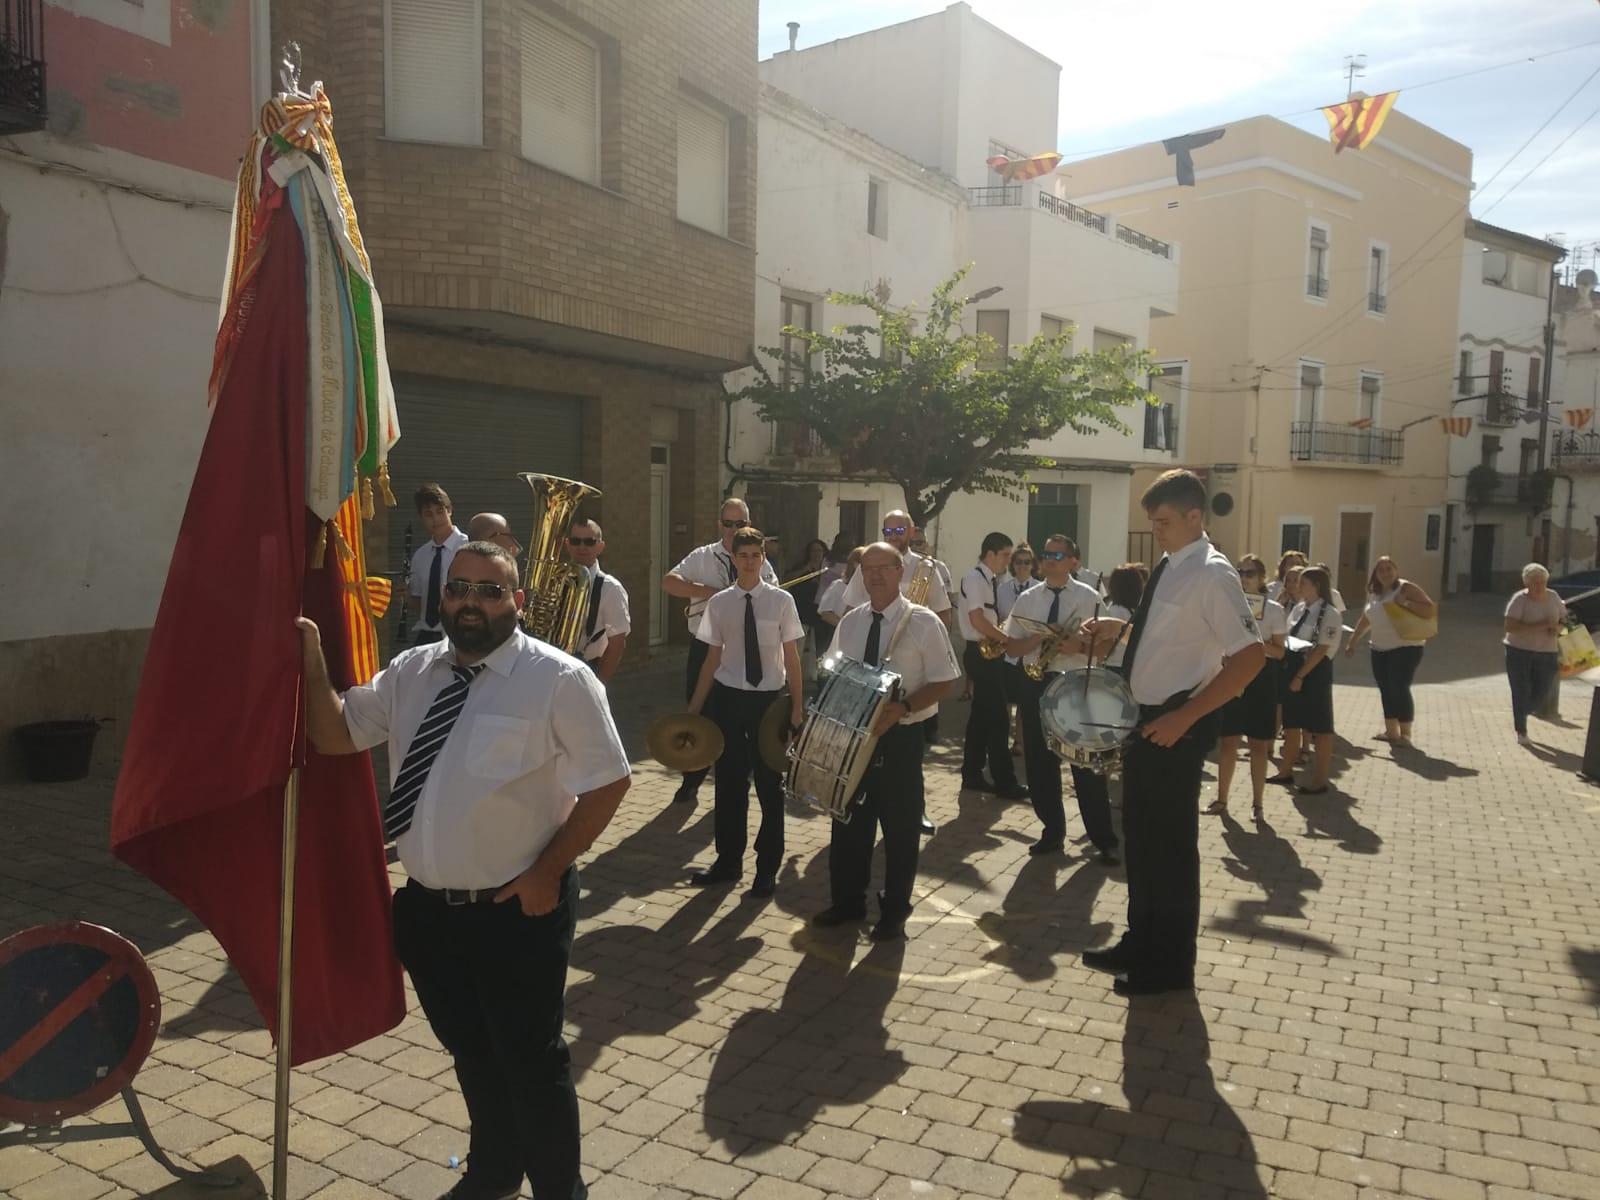 Banda de música de Godall actuant a les festes majors d' Aldover